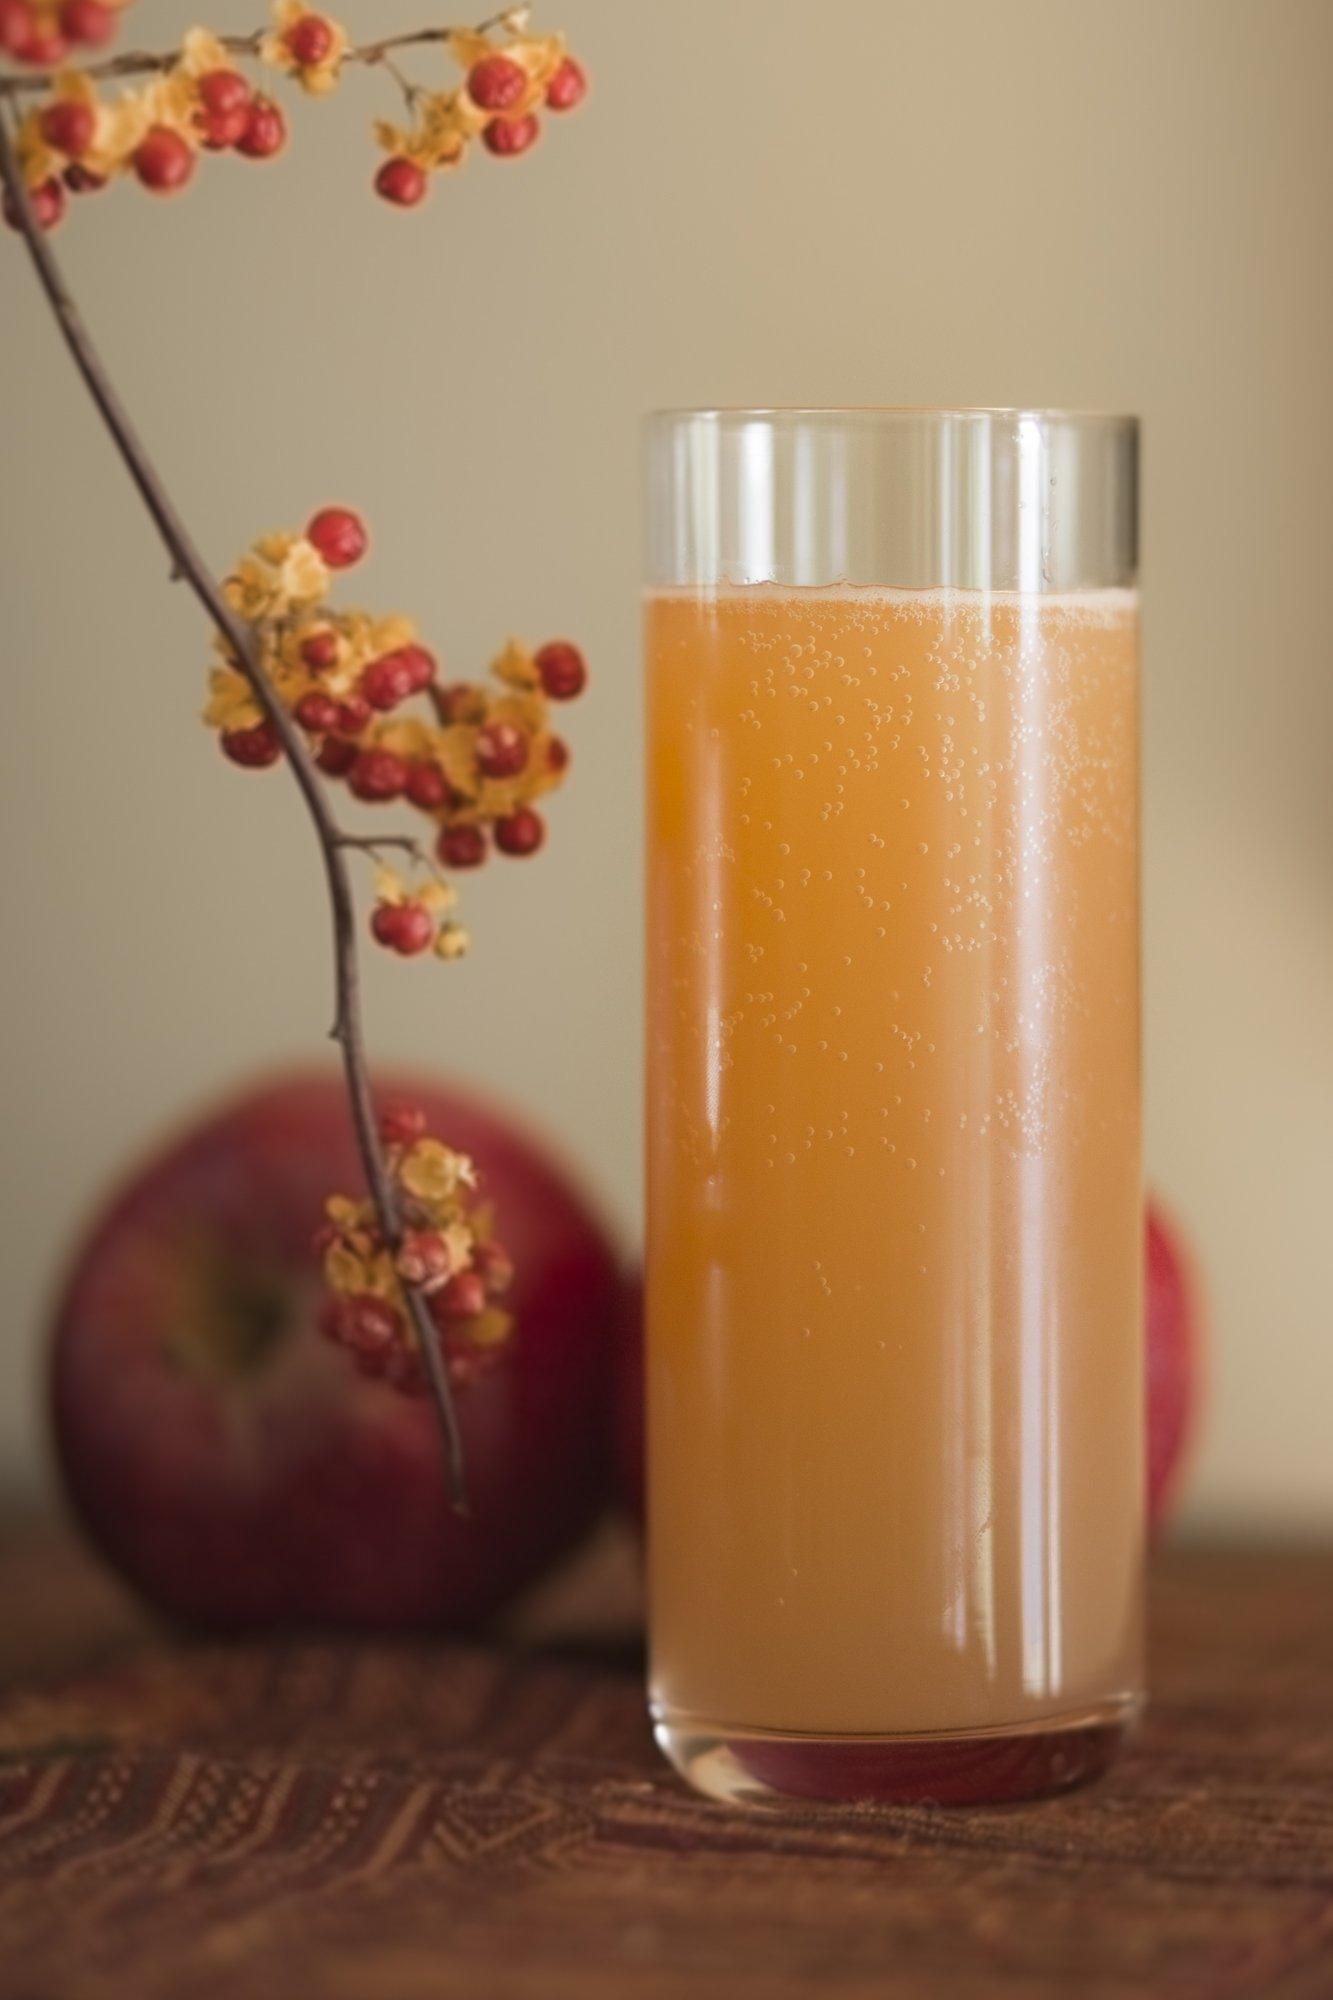 hard ginger beer and apple cider shandy